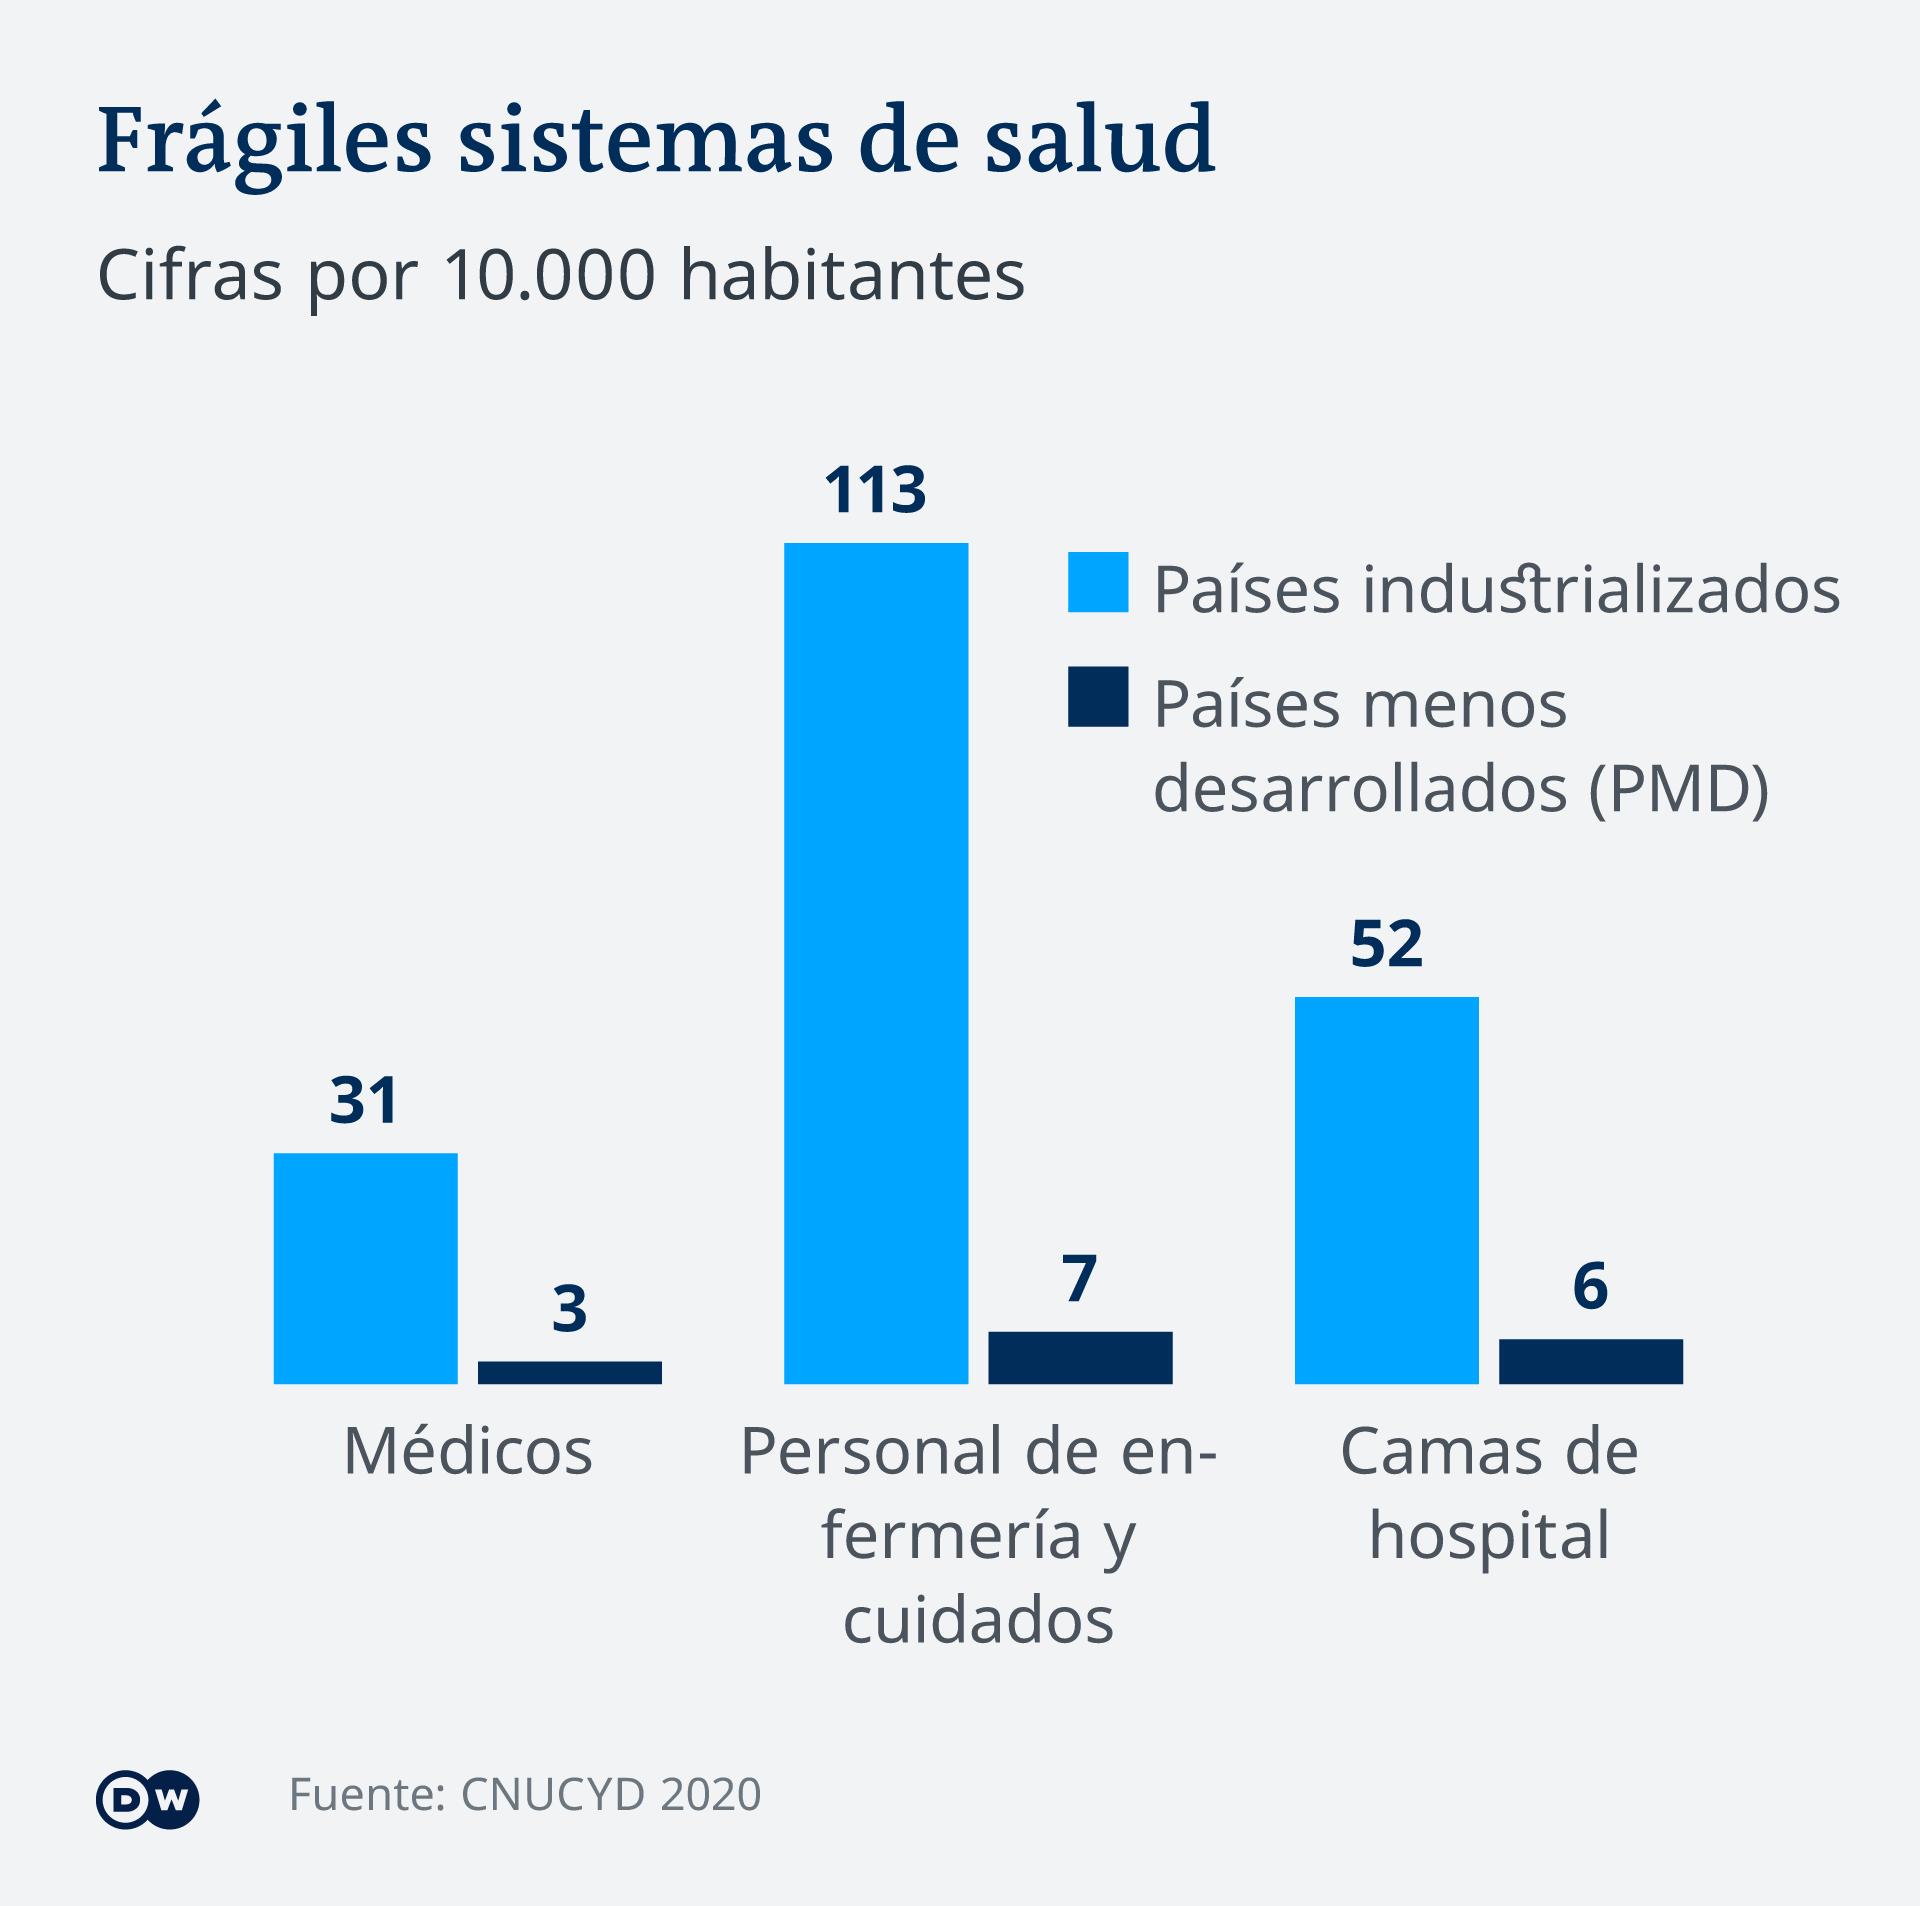 Infograifk - Entwicklung der Gesundheitssystem in Schwellenländern - ES